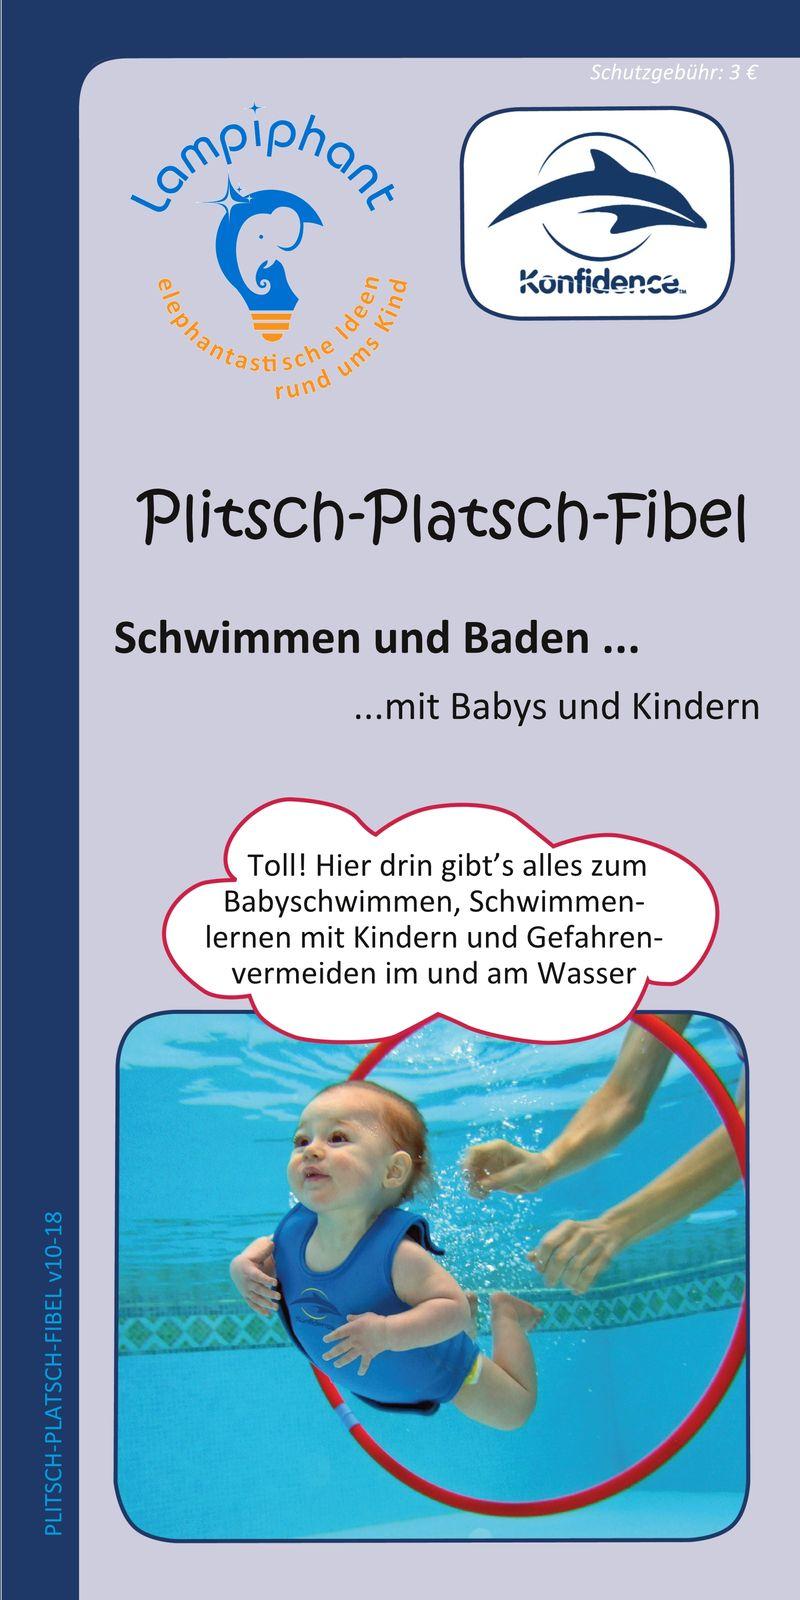 Konfidence Neoprenanzug für Kinder mit umfangreichem Schwimmratgeber – Bild 9